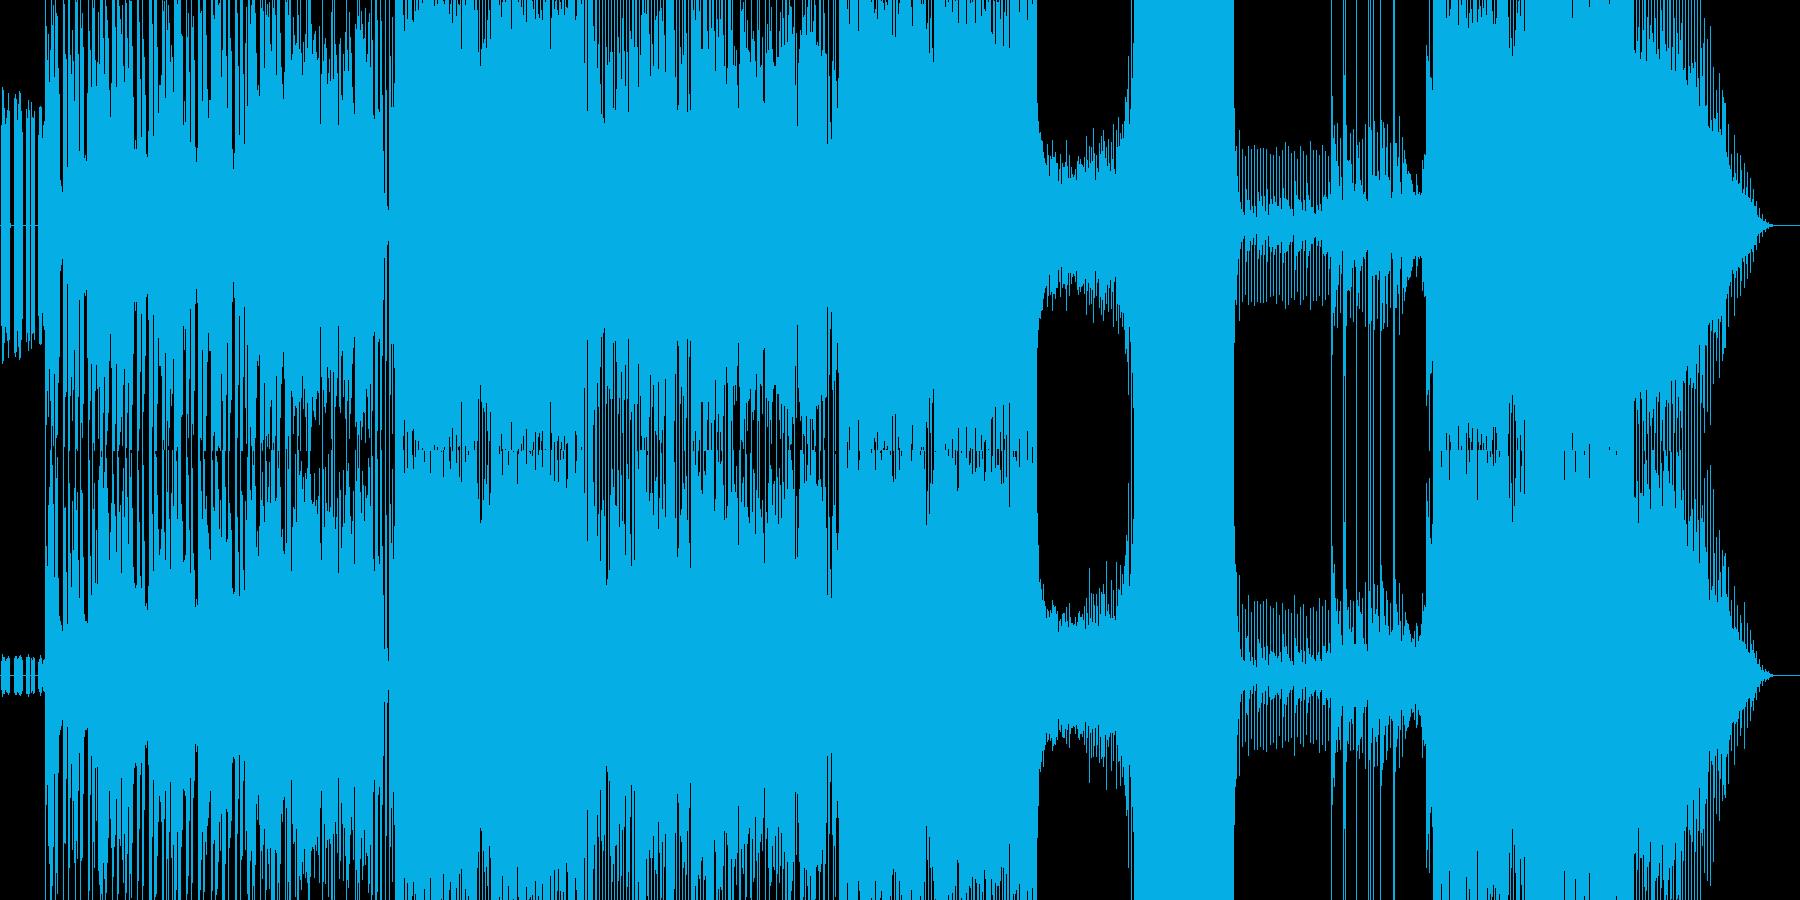 ソリッドなエレキギターの踊れるロック曲の再生済みの波形